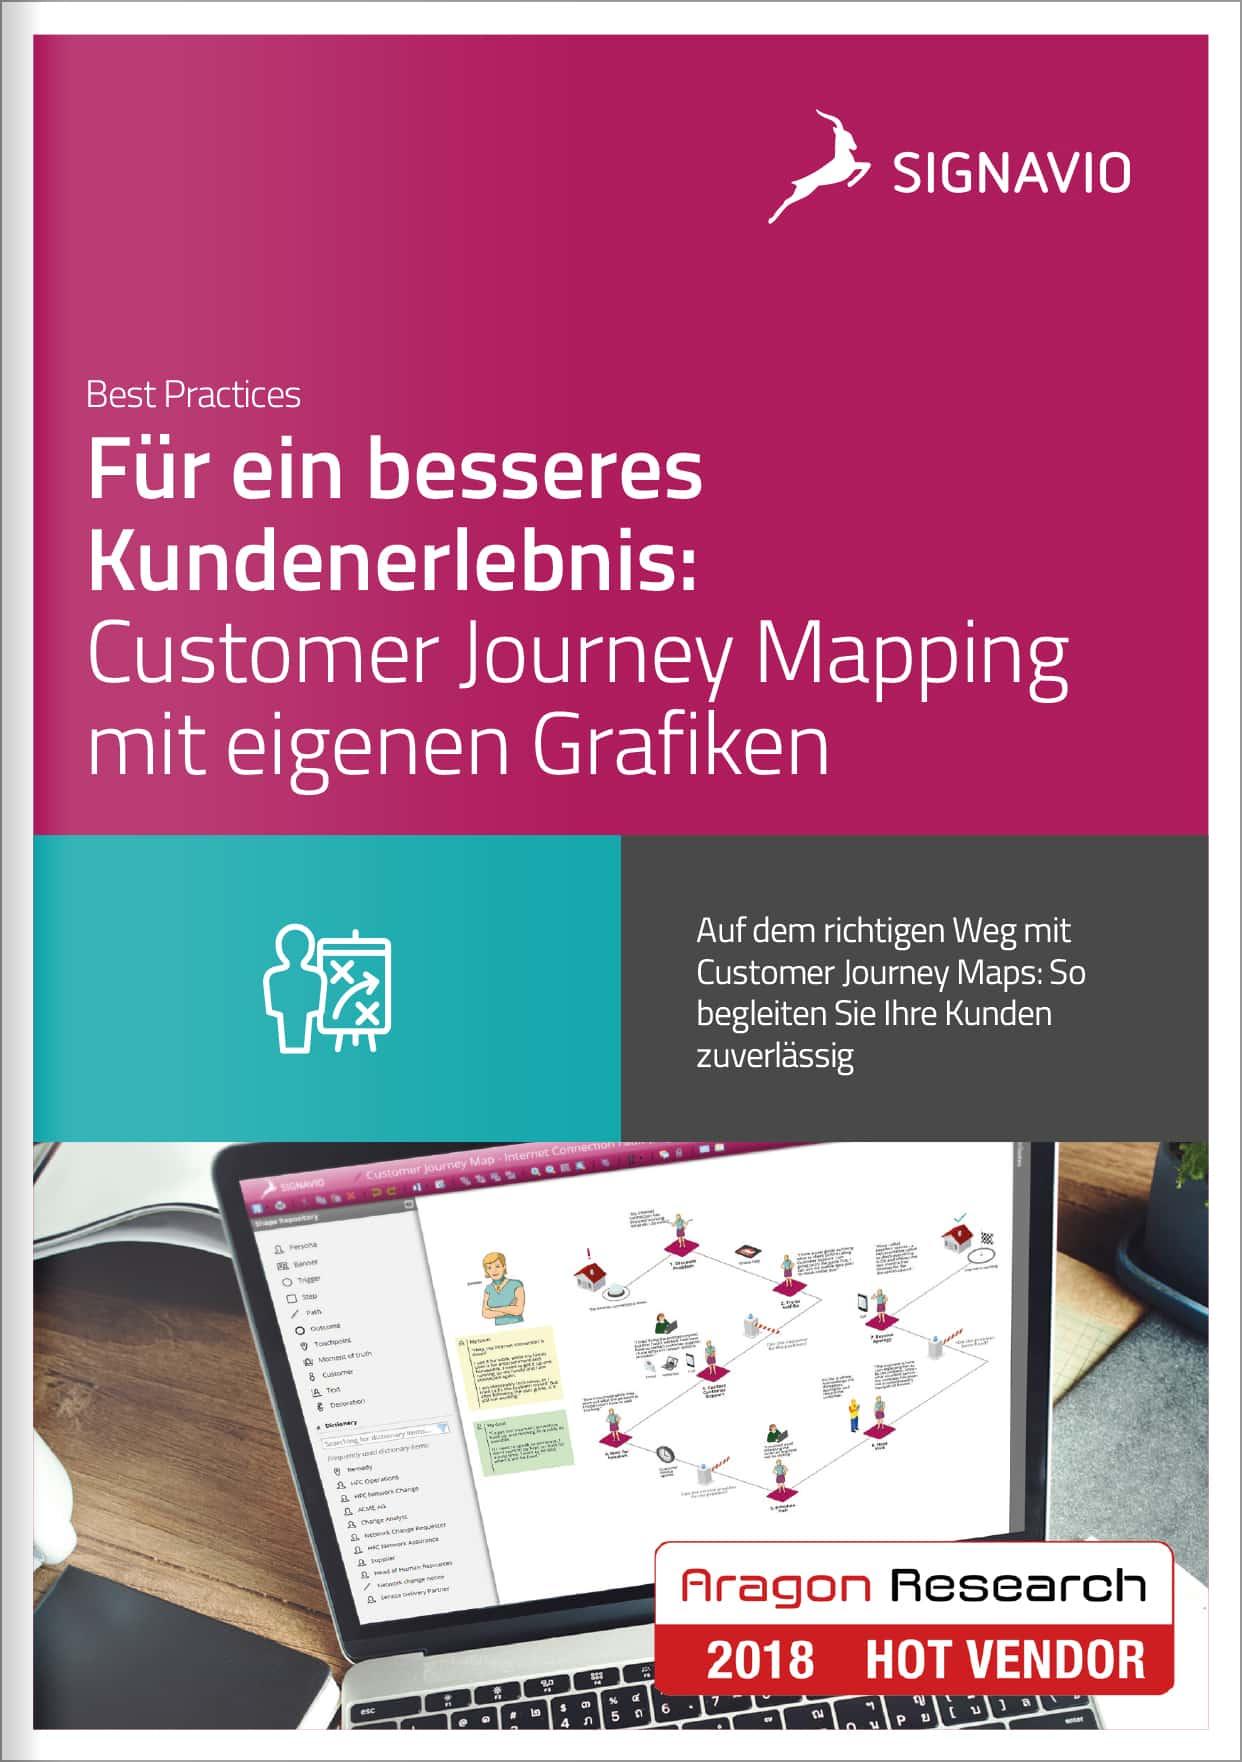 Für ein besseres Kundenerlebnis: Customer Journey Mapping mit eigenen Grafiken